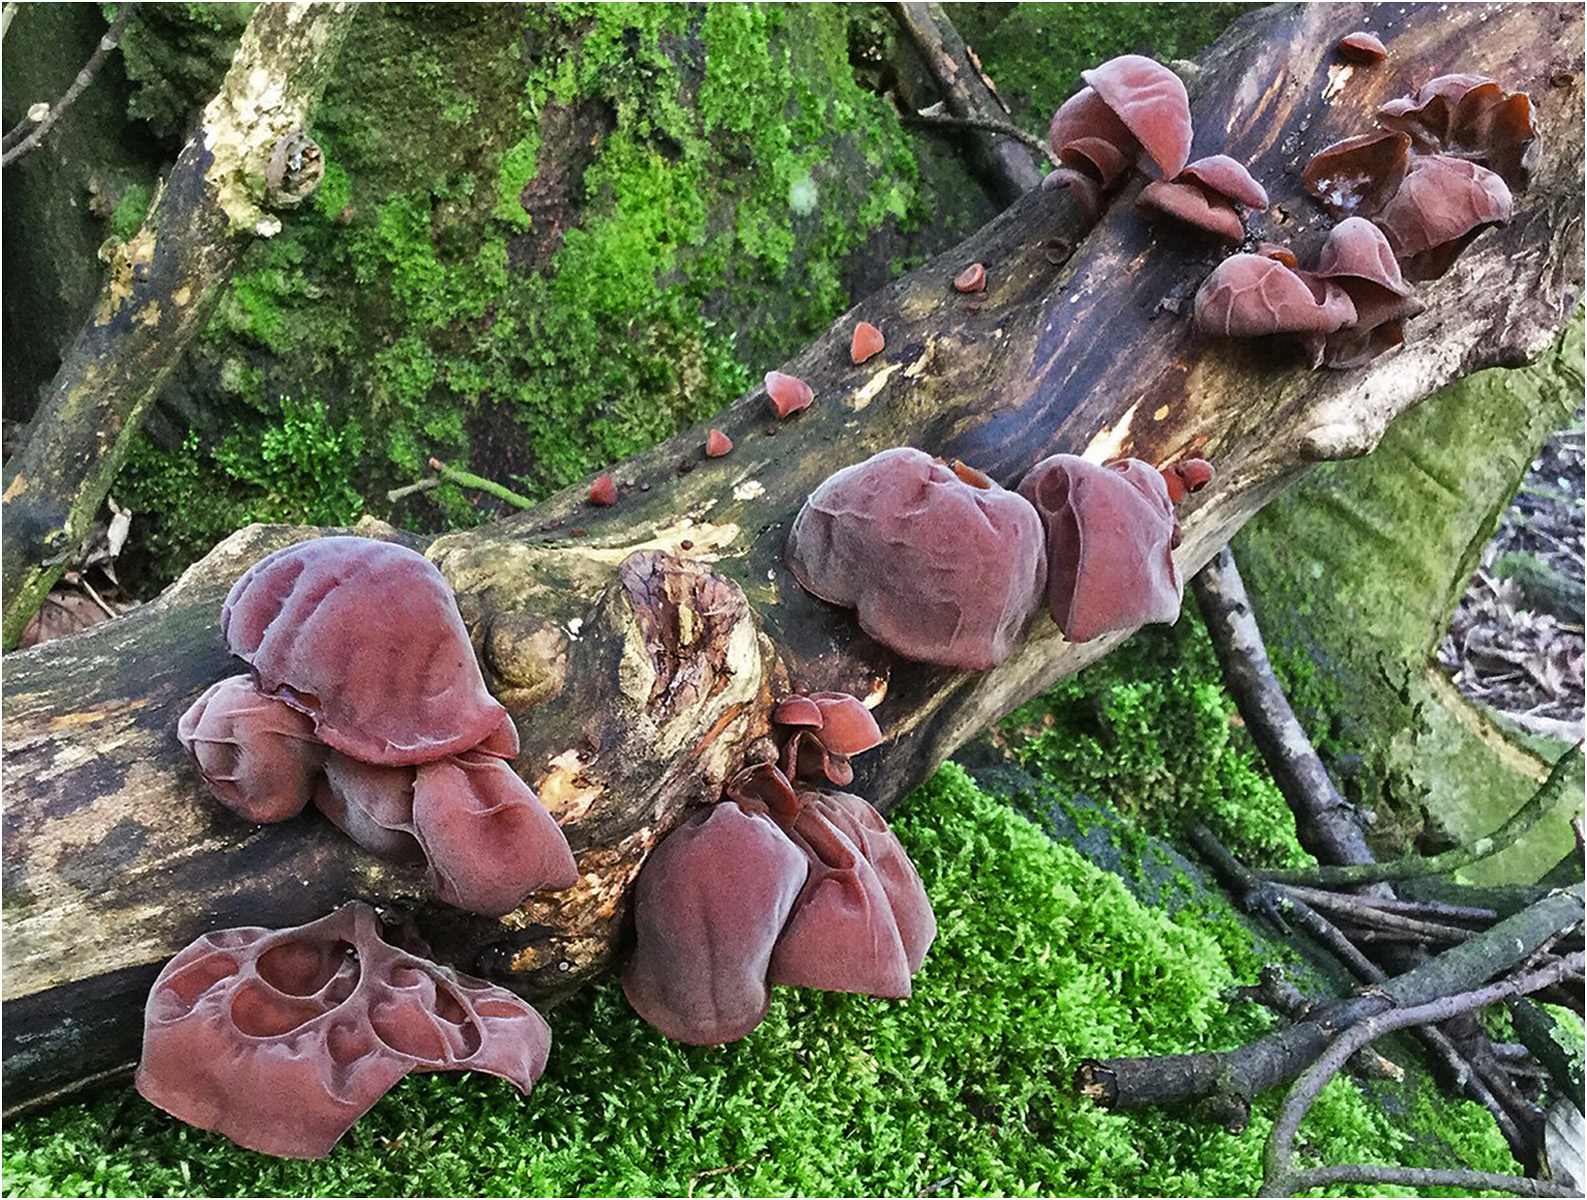 Fungi 1 - judas' ear